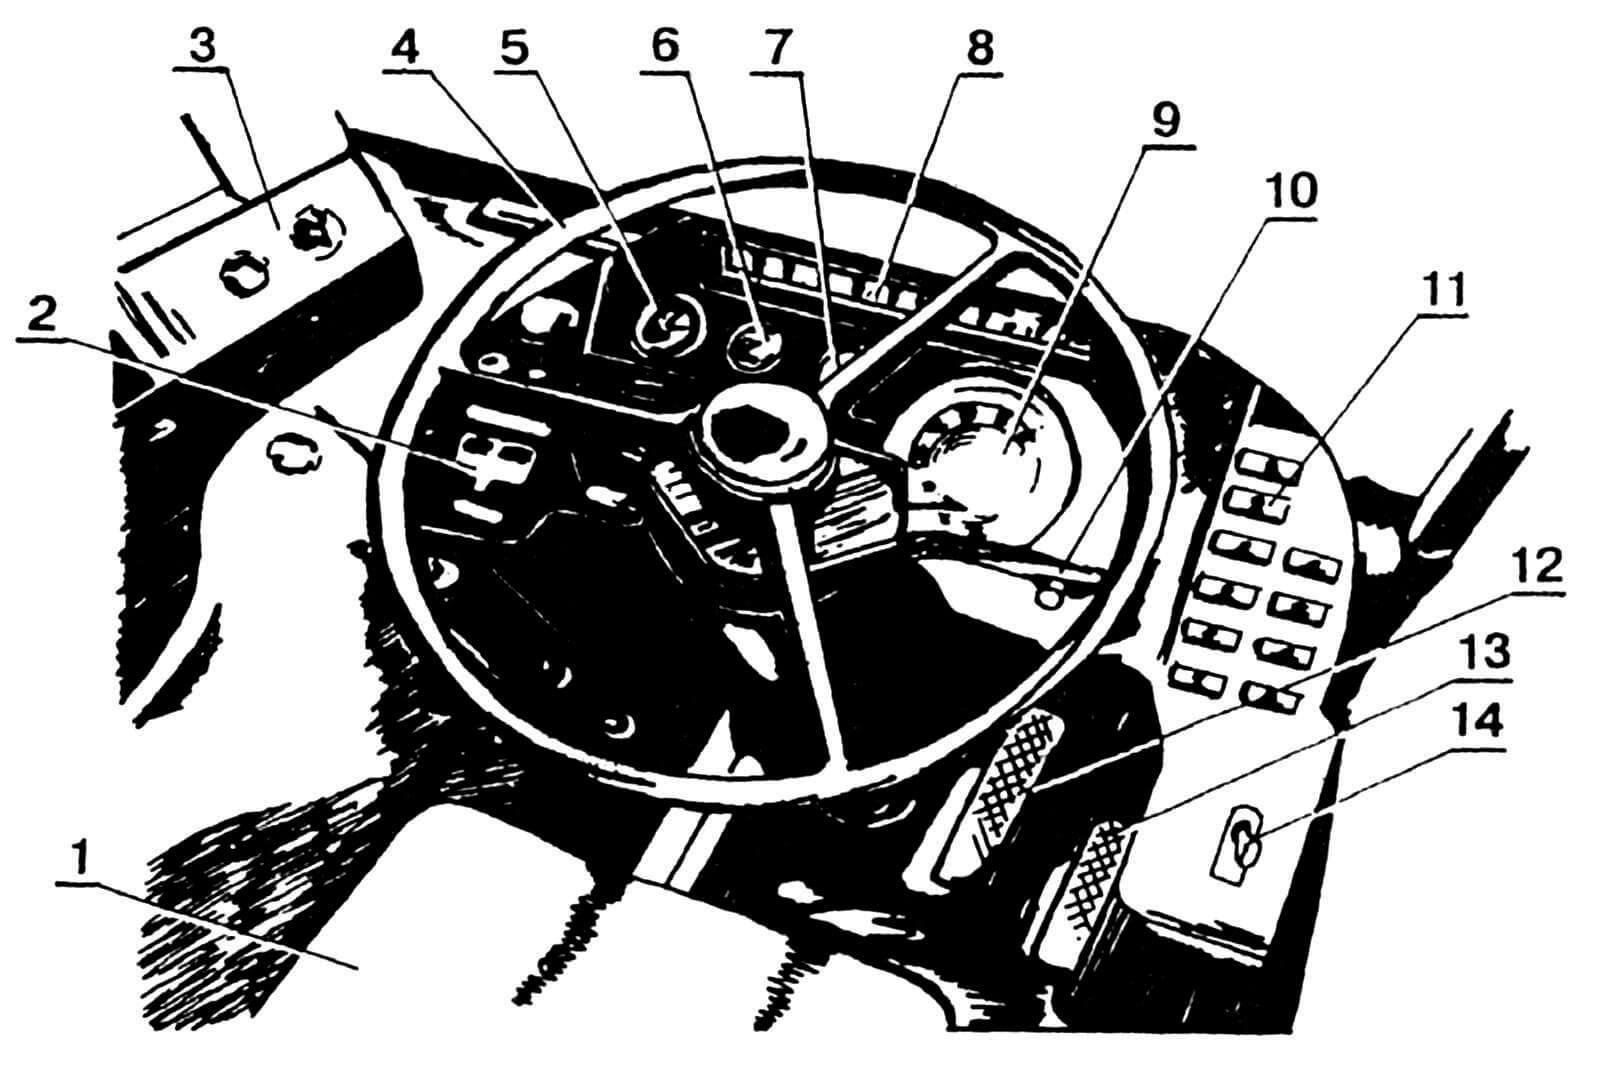 Панель приборов и органы управления: 1 — сиденье водителя; 2 — кнопки открывания дверей; 3 — аппарат кассовый; 4 — колесо рулевое; 5 — указатель уровня топлива; 6 — указатель давления масла; 7 — указатель состояния АКБ; 8 — блок контрольных ламп; 9 — спидометр; 10 — переключатель универсальный; 11 — выключатели освещения салонов; 12 — педаль тормоза; 13 — педаль «газа»; 14 — тормоз стояночный.